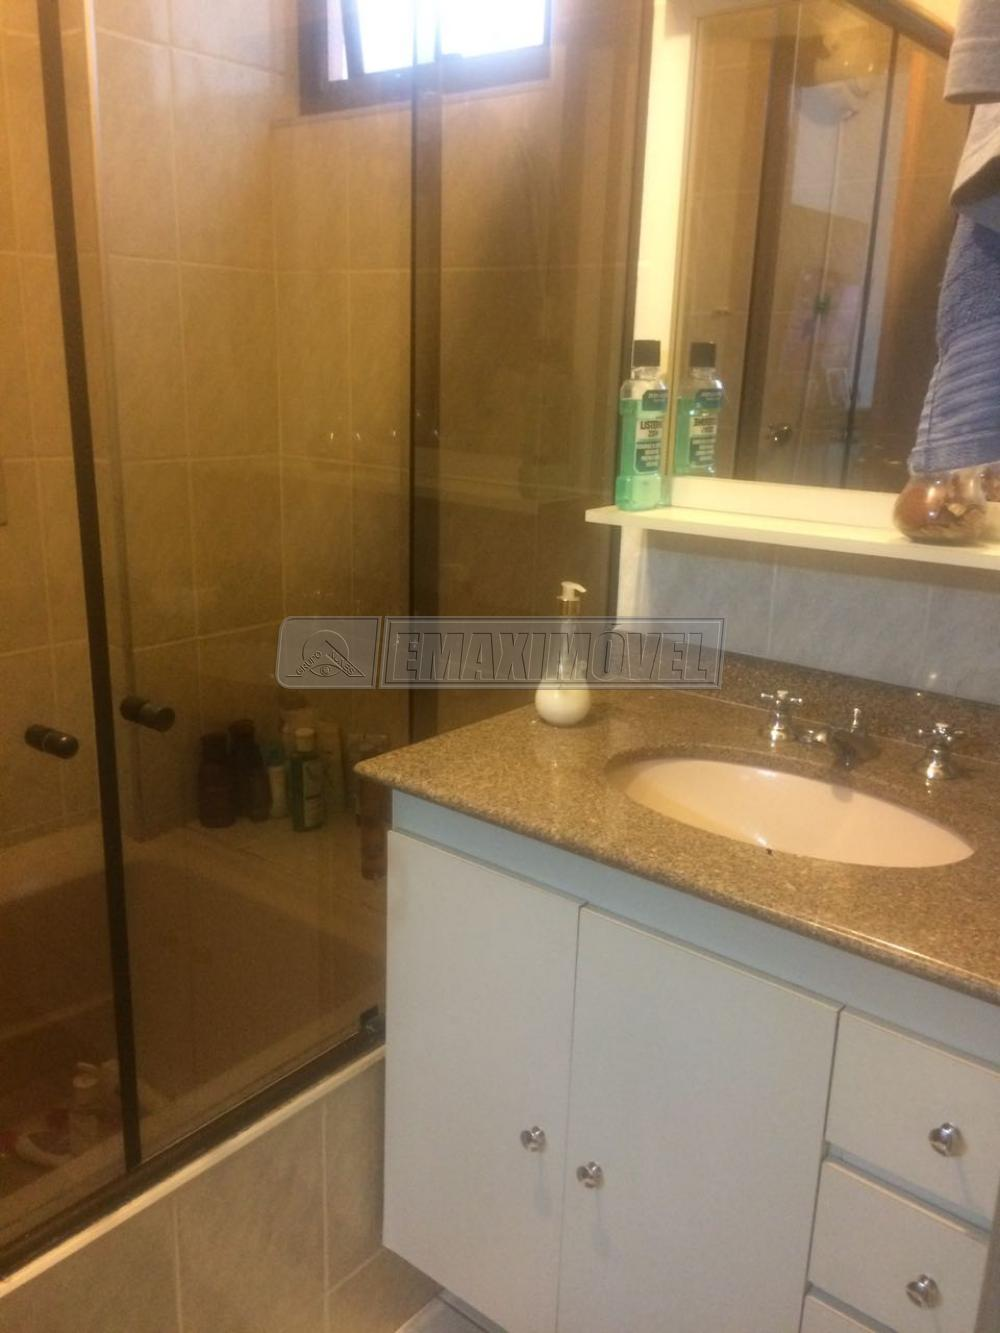 Comprar Apartamentos / Apto Padrão em Sorocaba apenas R$ 440.000,00 - Foto 5